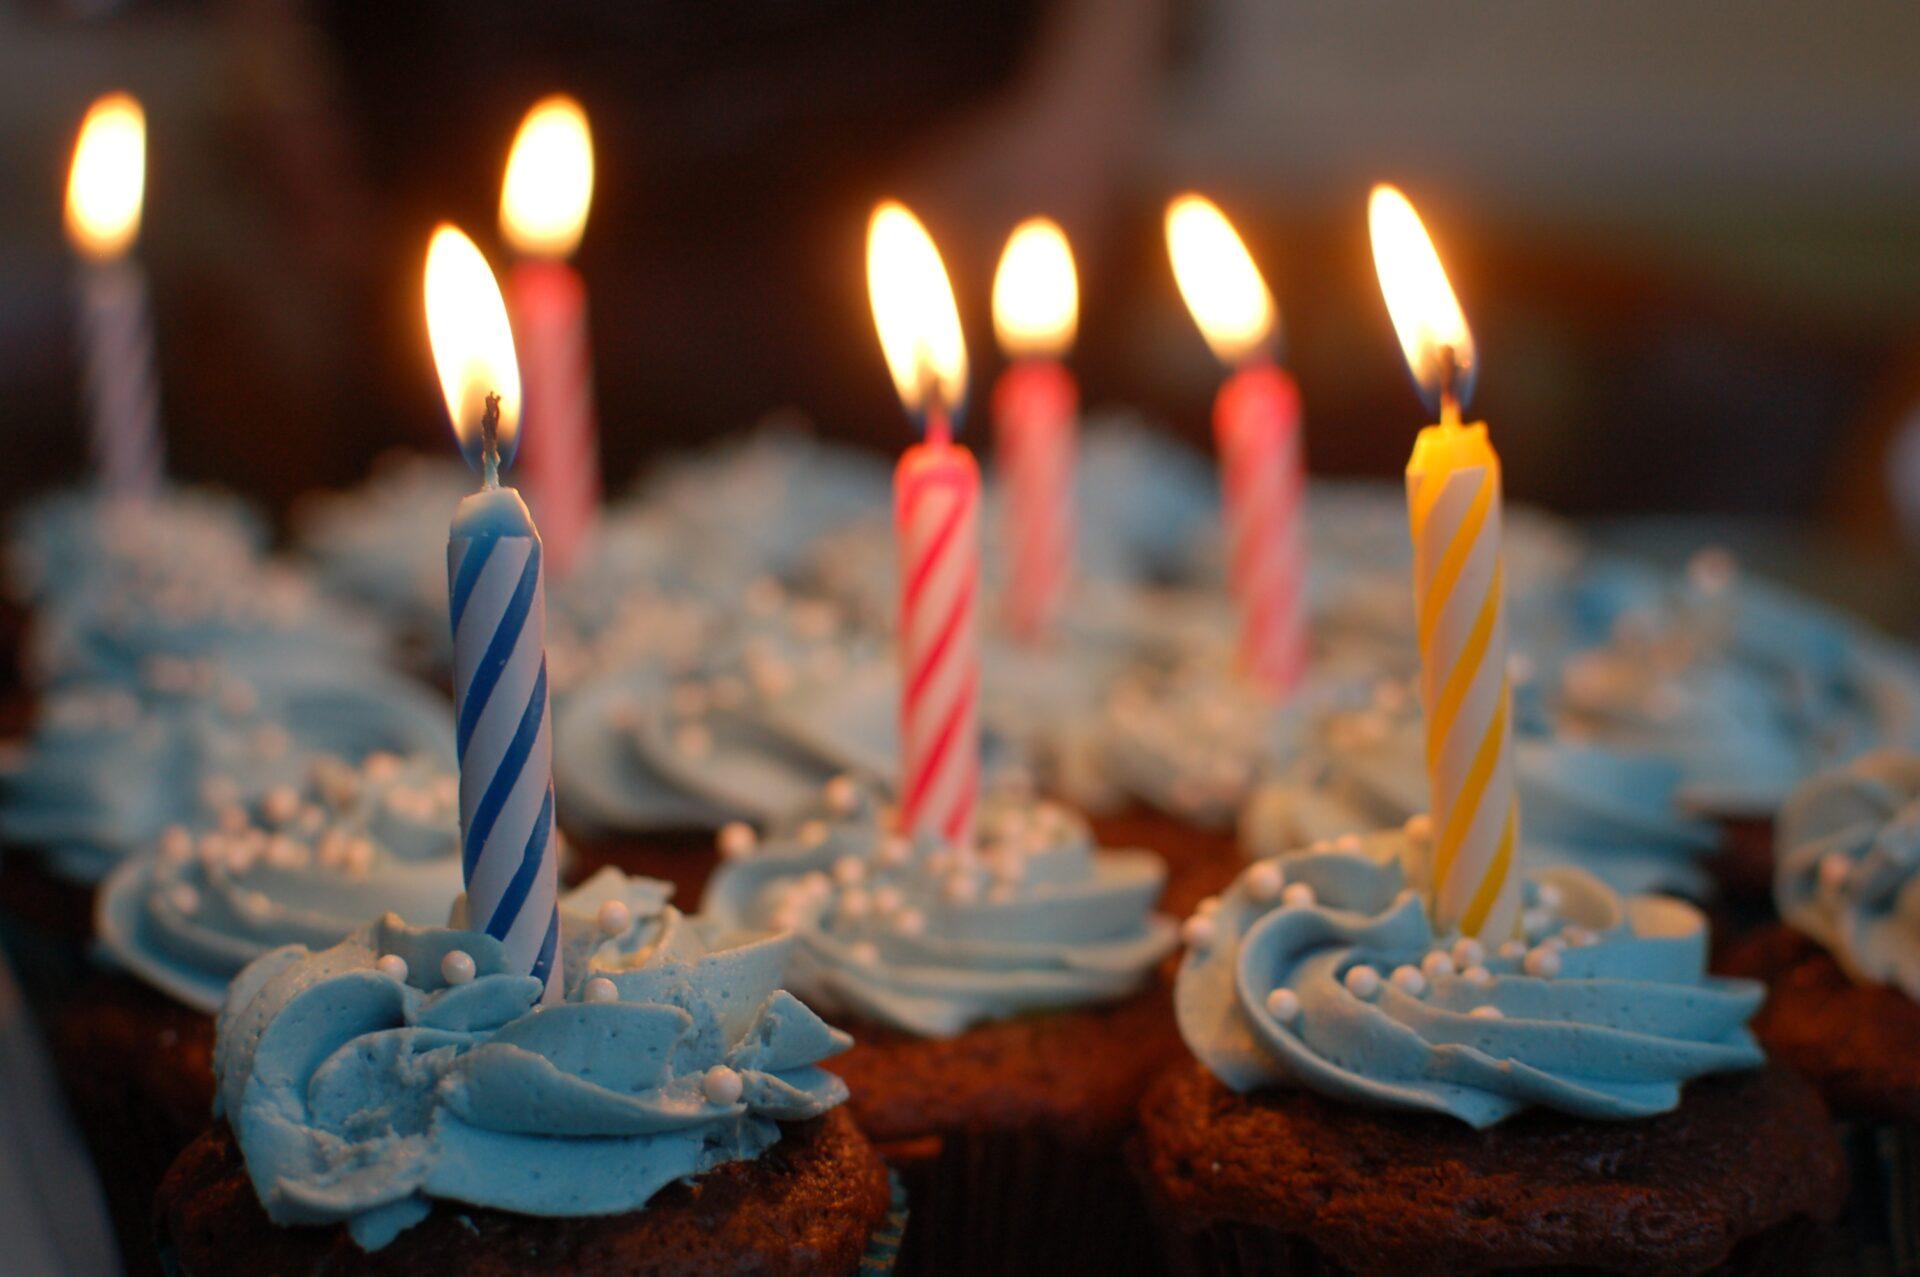 1968 – 2018 …. Notre association  JAP – Jeunesse & Amitiés Protestantes – a  50 ans Dimanche 8 avril, nous espérons vous accueillir nombreux pour fêter cet anniversaire.